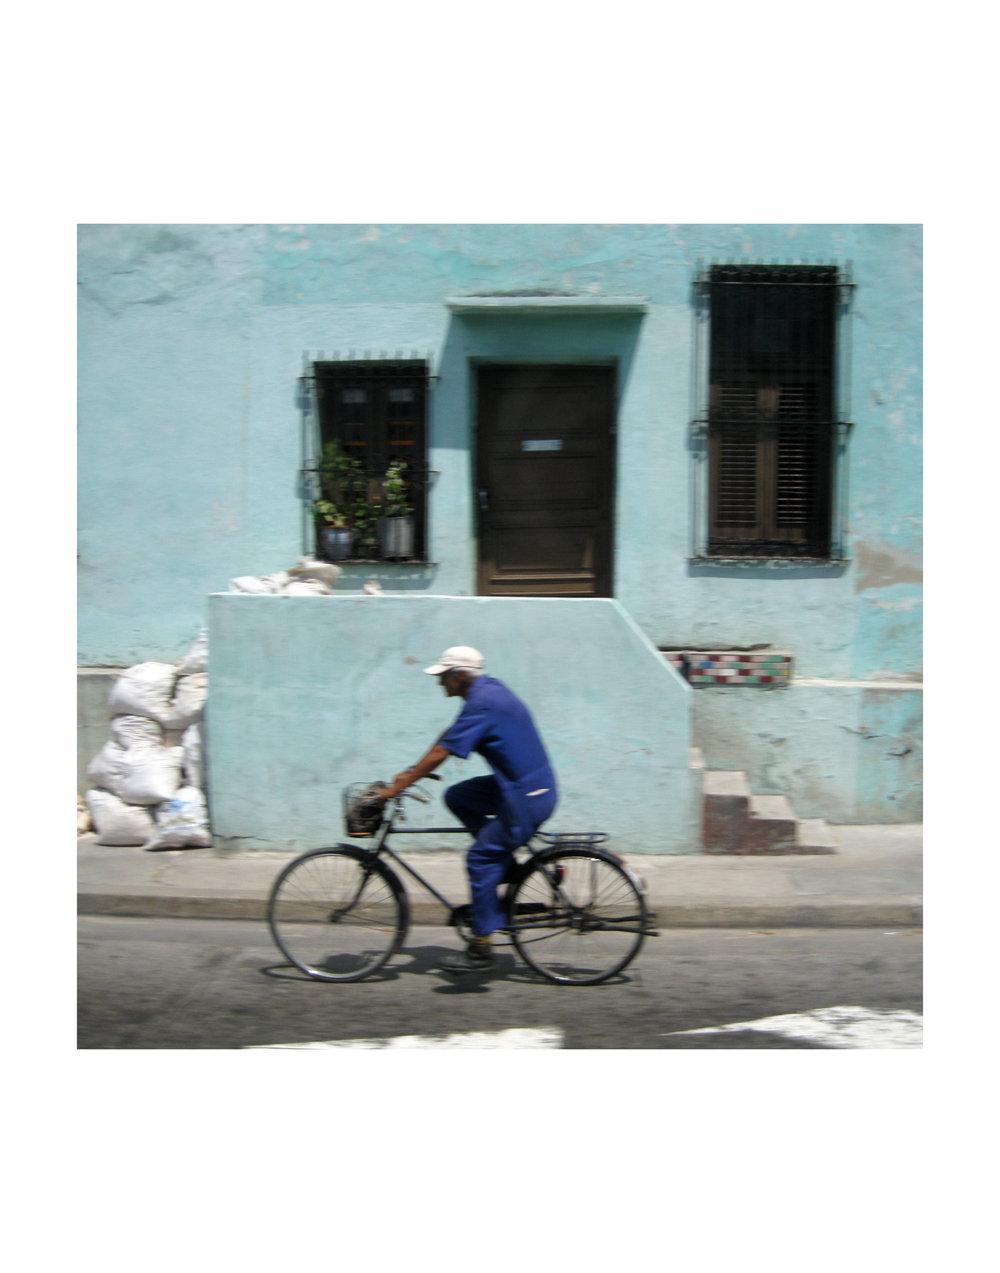 Biker_11x14.jpg